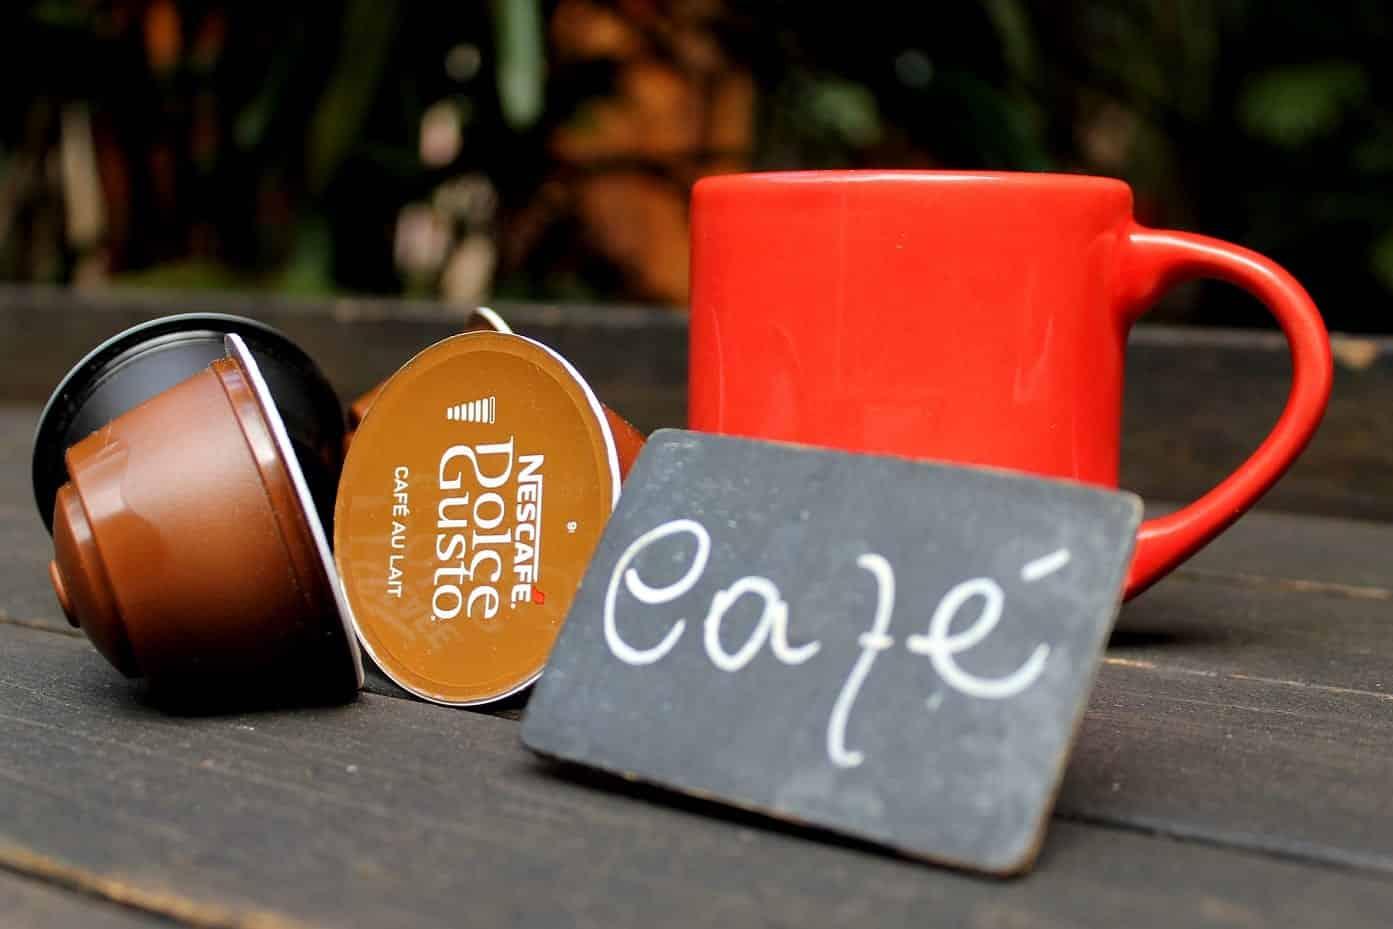 Cápsulas de café - Problemas do uso, reciclagem e como reaproveitá-las